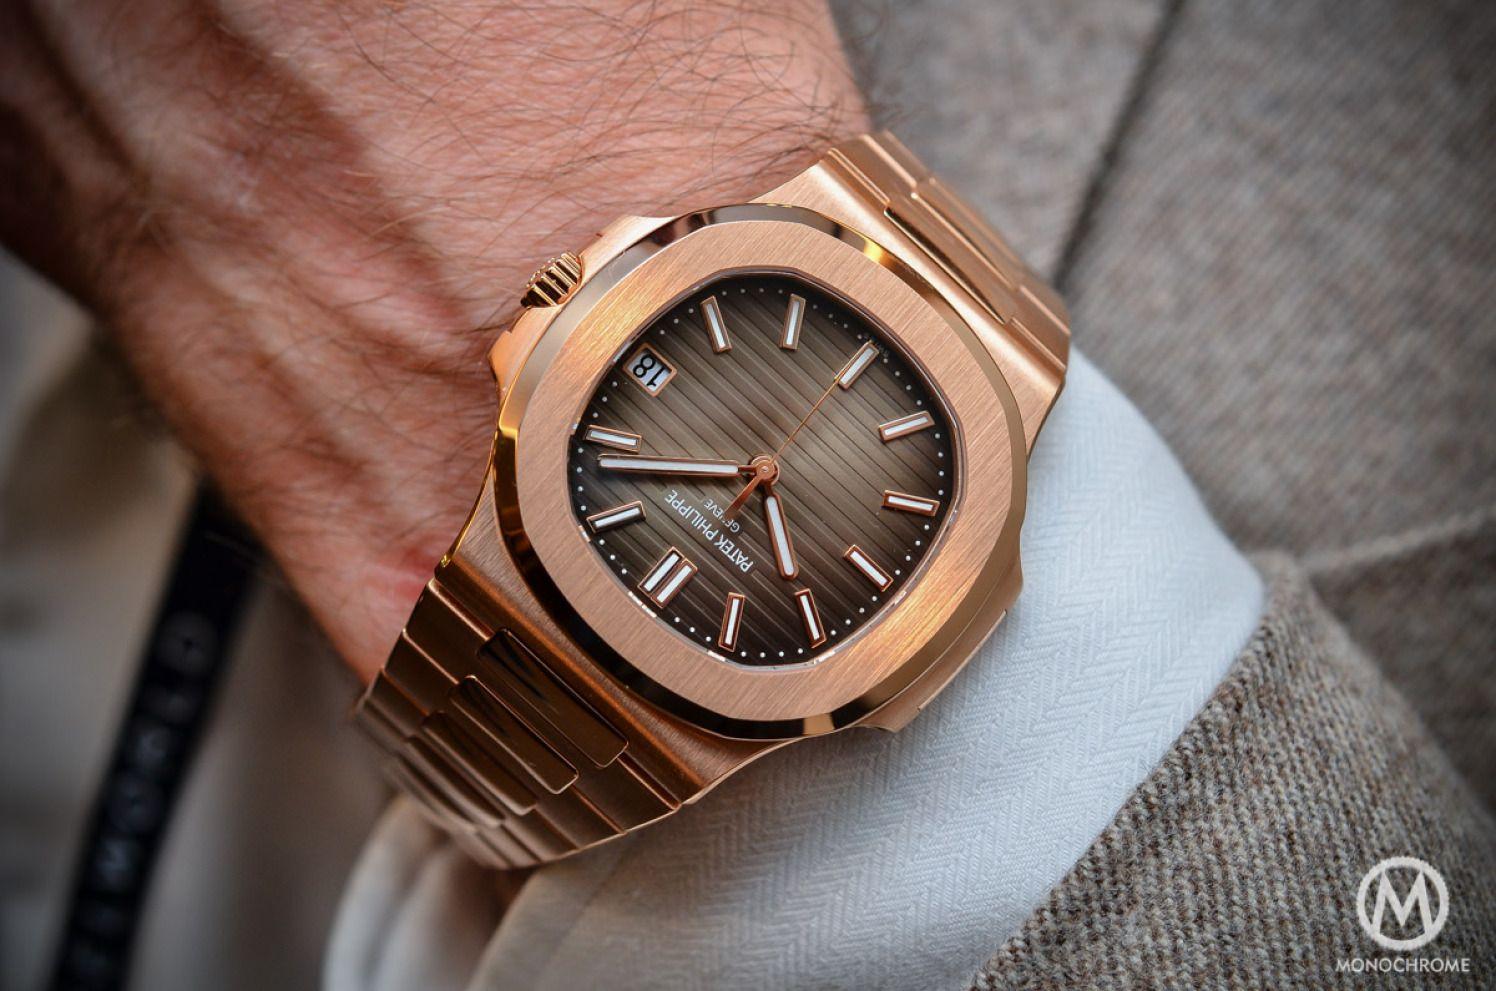 695e49f8fcc Patek Philippe Nautilus 5711 1R-001 - Rose Gold Chocolate Dial ...